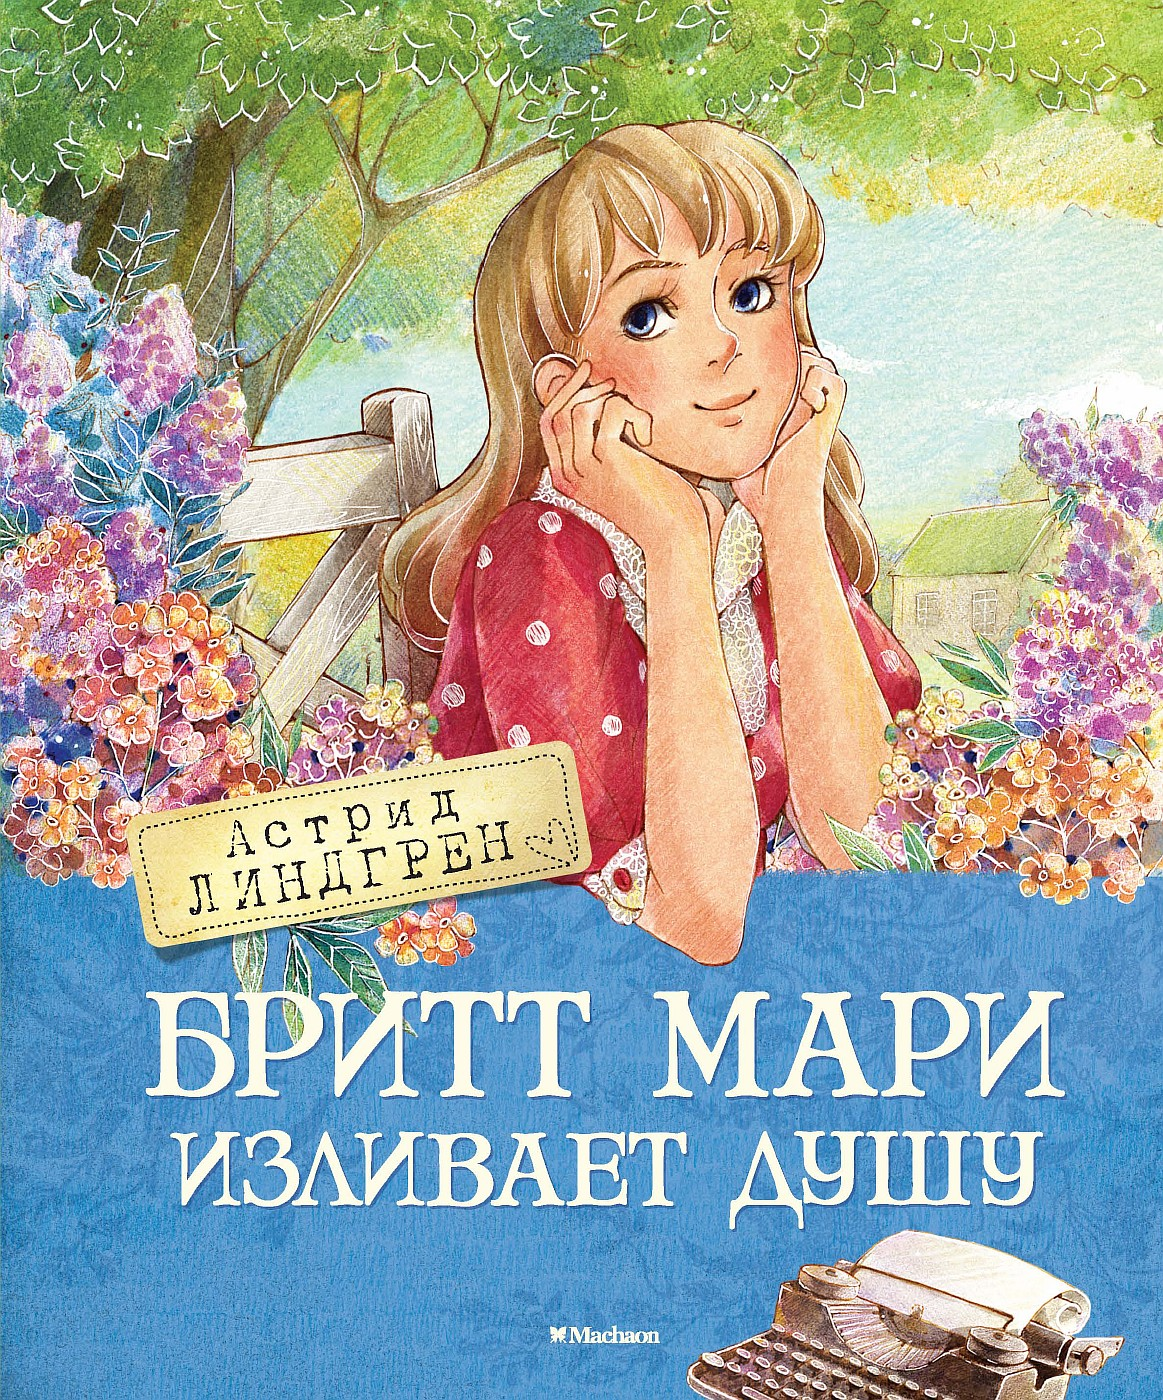 Линдгрен А. Бритт-Мари изливает душу гульназ резванова зимняя весна первая книга олюбви наивная